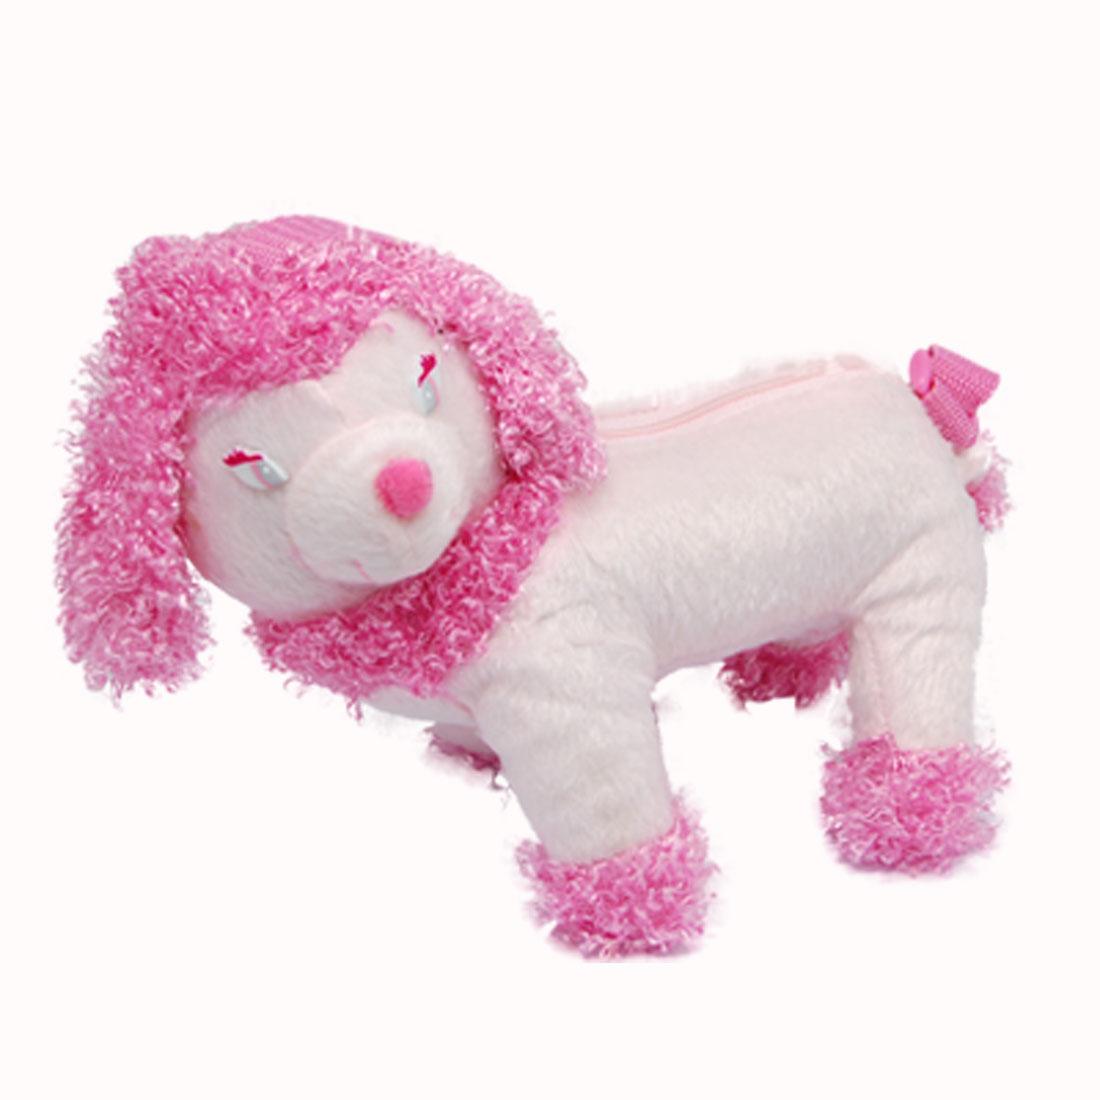 Lovely Pink Dog Shaped Kids' Carrying Storage Bag Holder